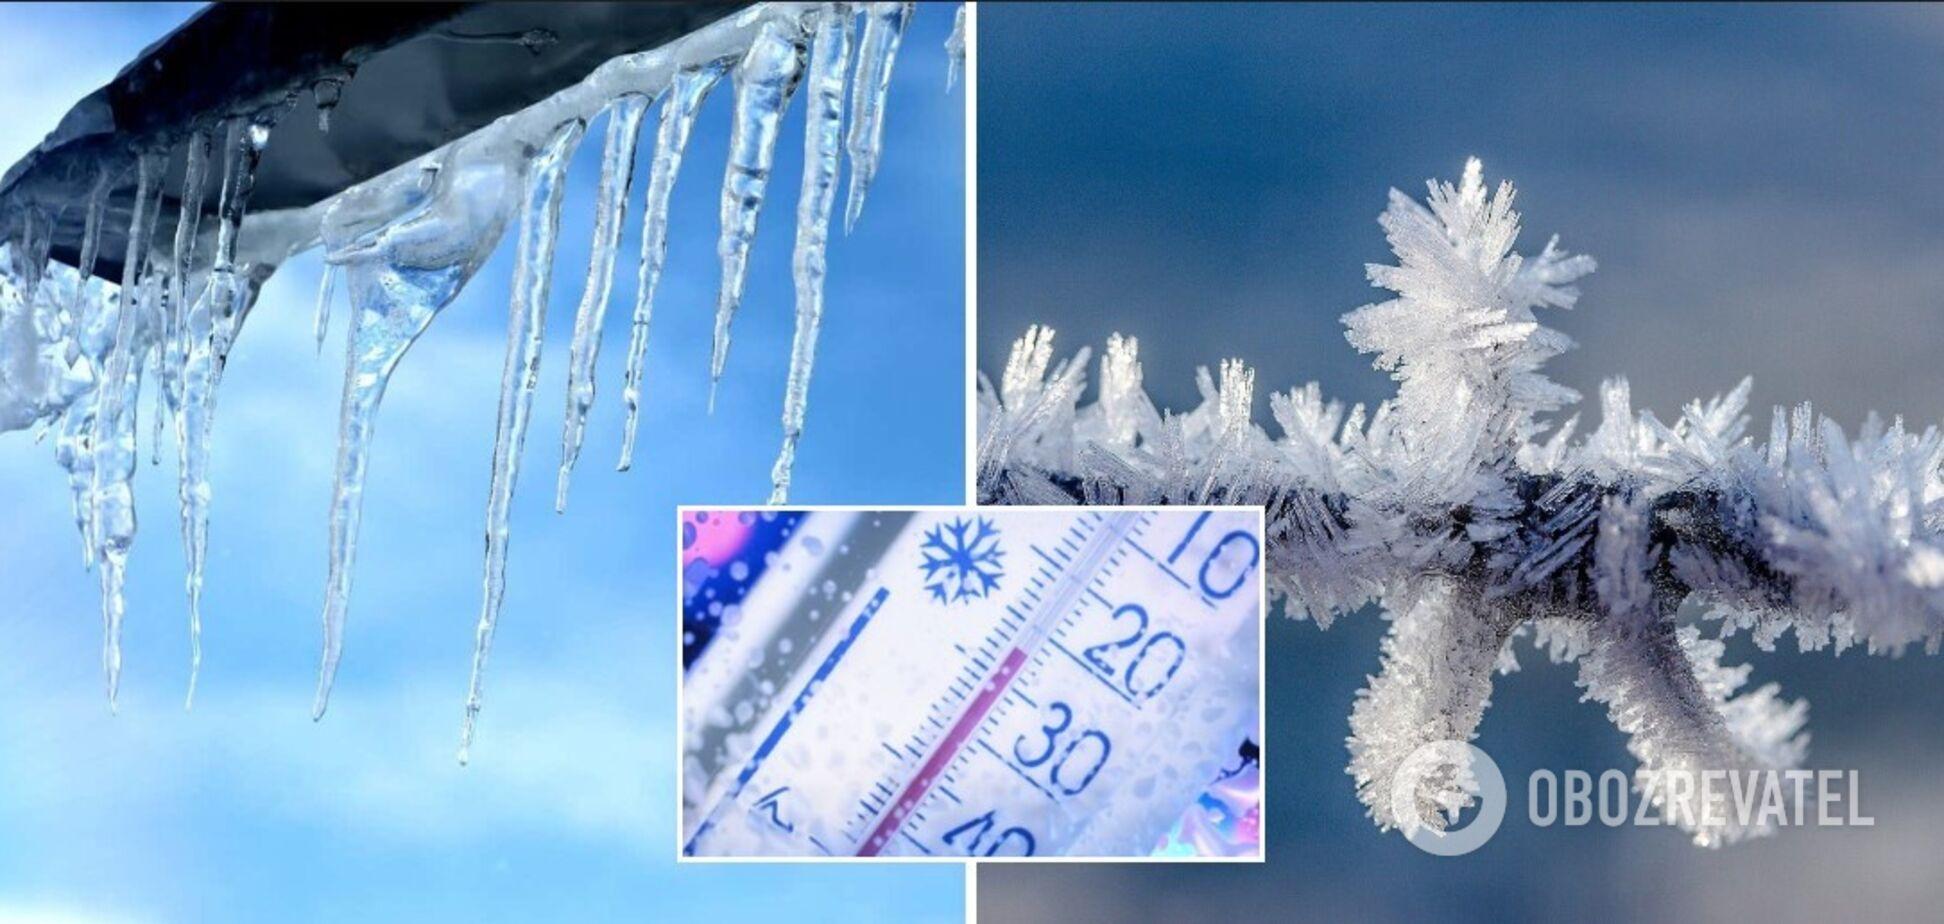 У найближчі 10 днів загалом очікується тепла погода в Україні